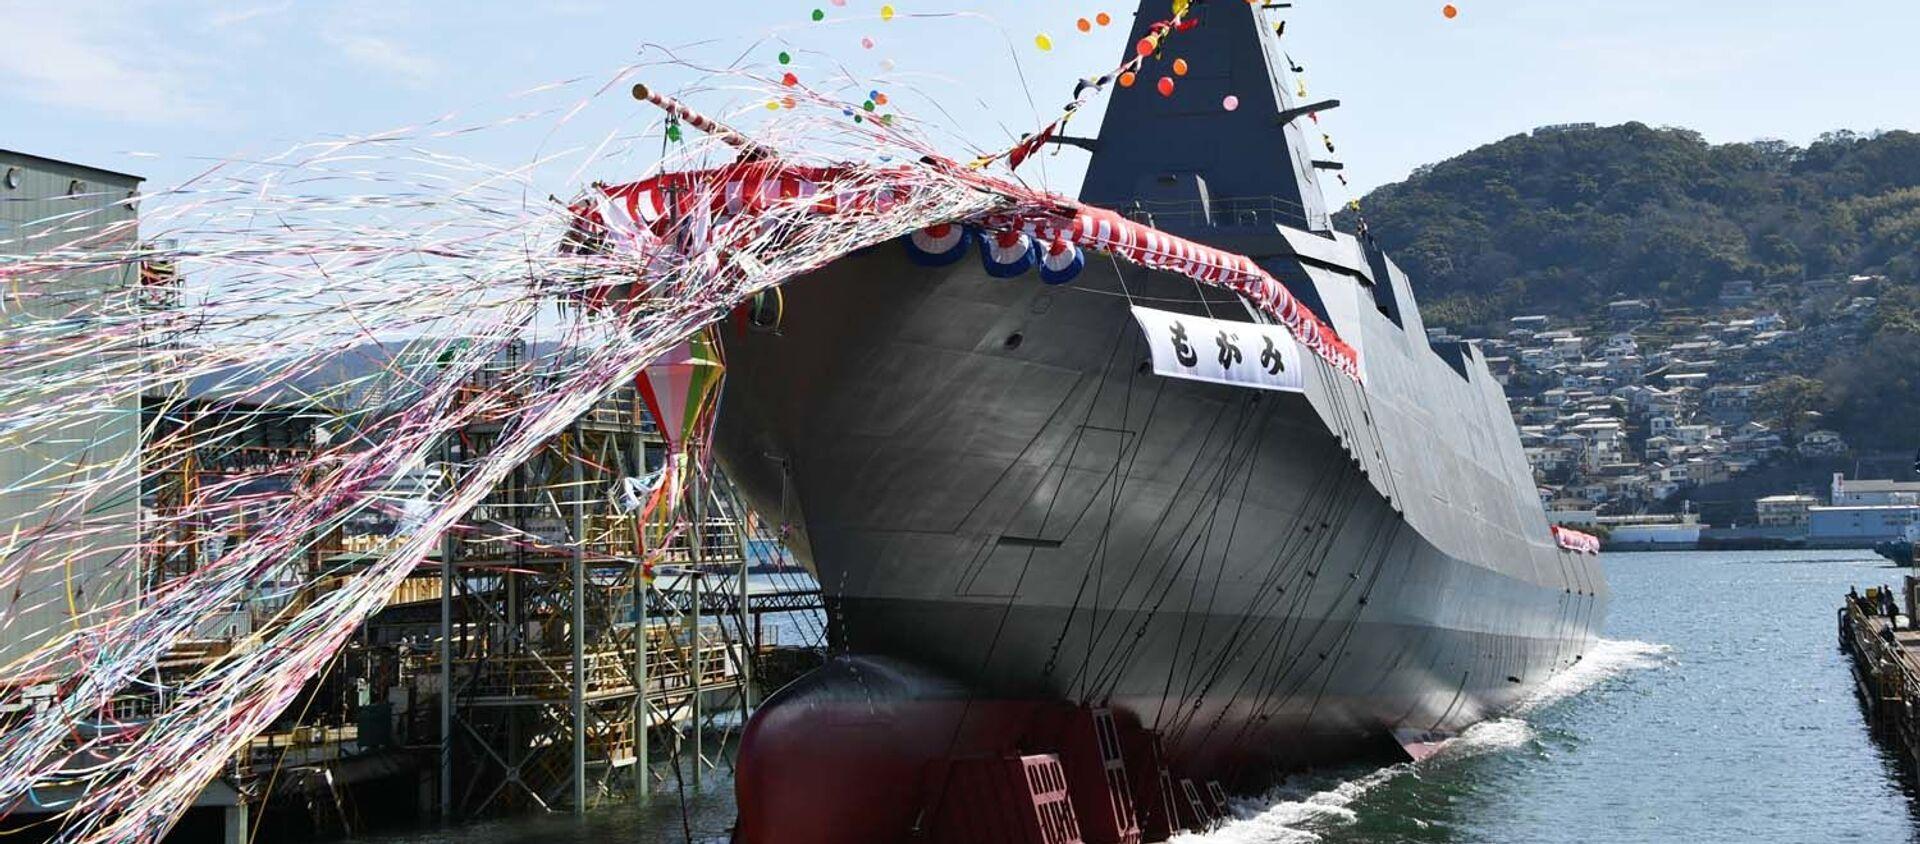 Спуск на воду корабля Mogami в Нагасаки на верфях Mitsubishi Heavy Industries, Ltd.  - Sputnik 日本, 1920, 14.03.2021